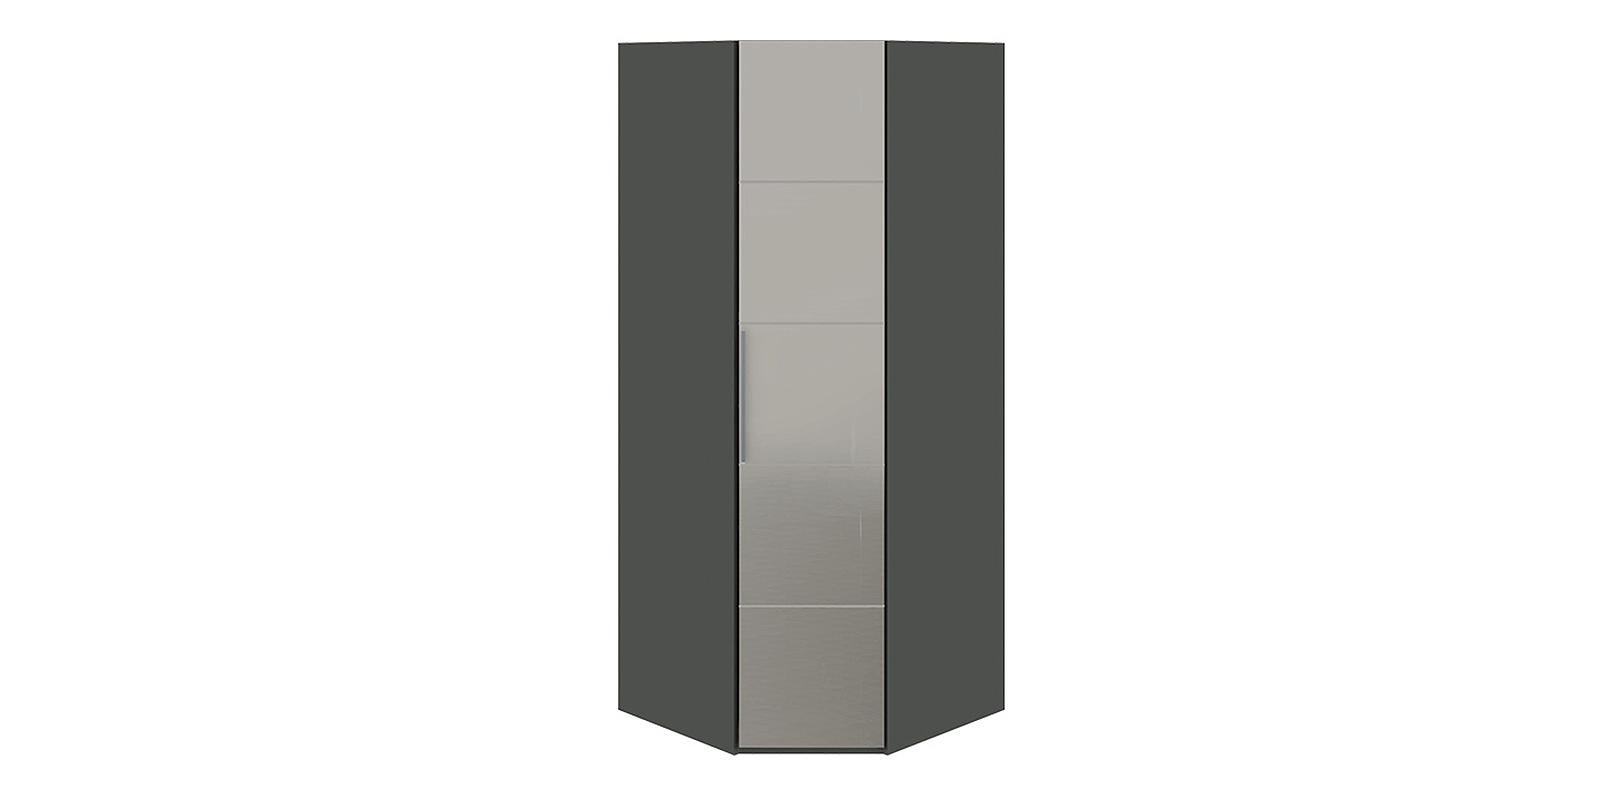 Шкаф распашной угловой Сорренто вариант №2 левый (темно-серый/зеркало)